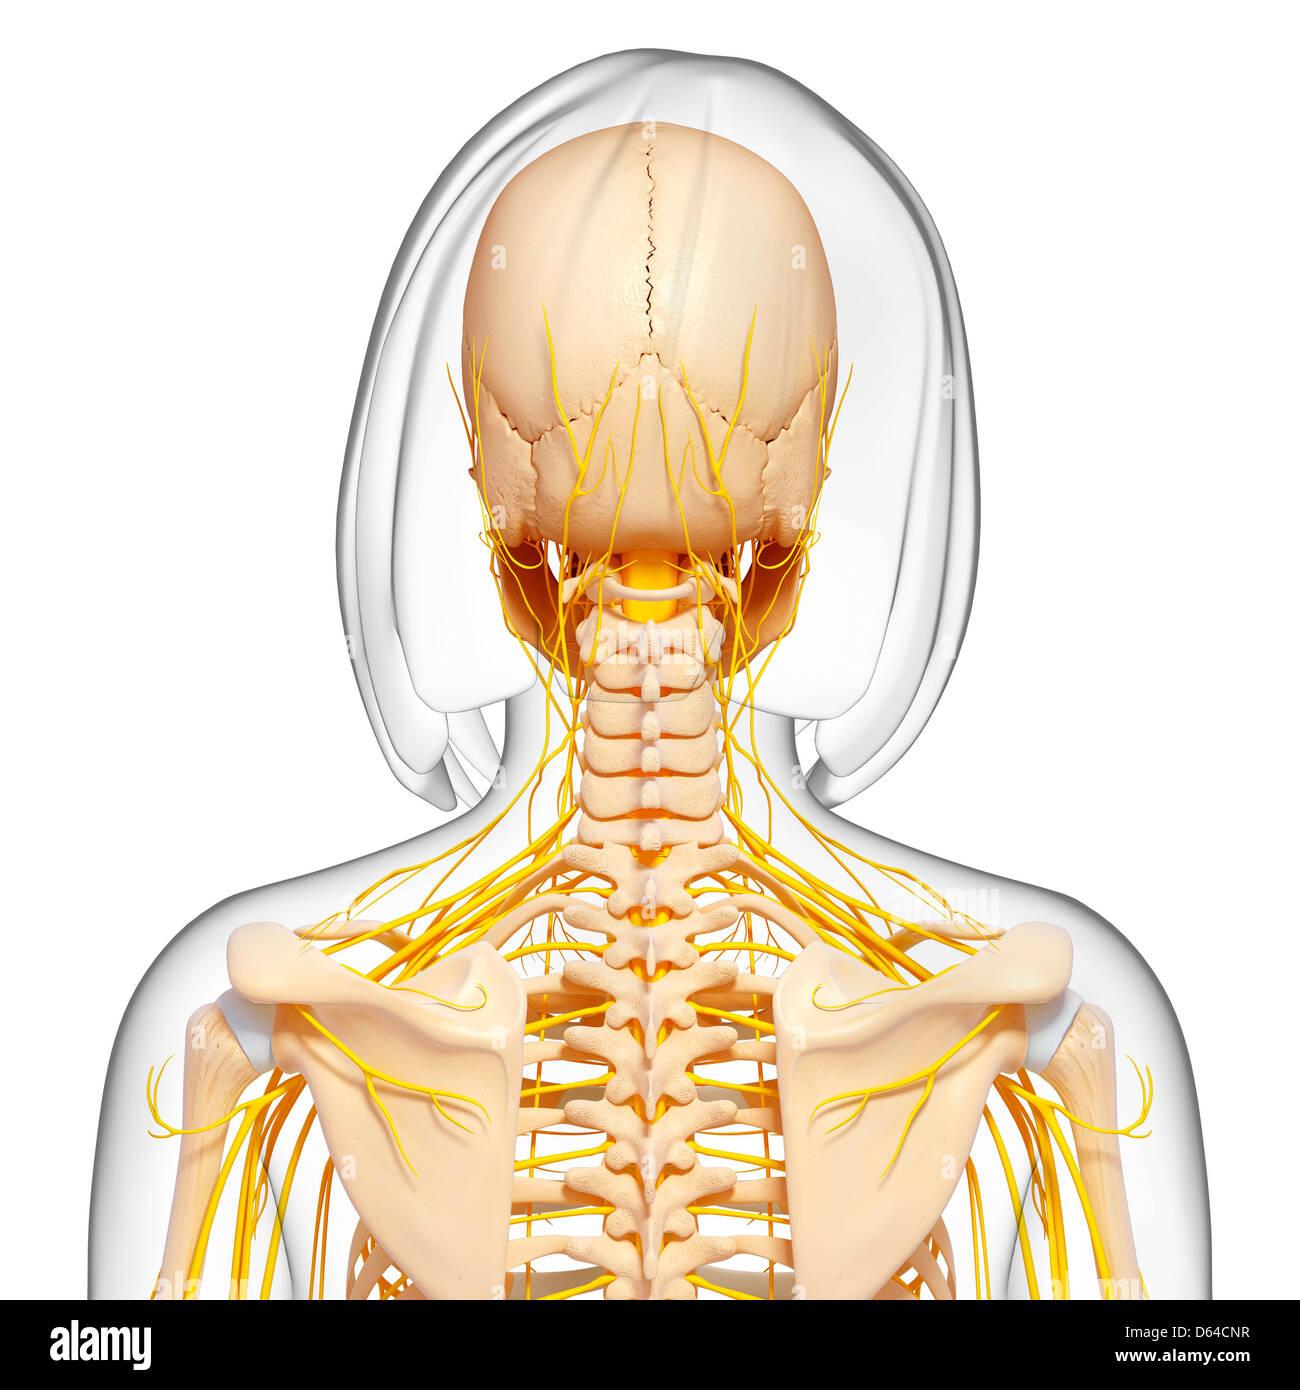 Ziemlich Weibliche Anatomie Querschnitt Fotos - Menschliche Anatomie ...